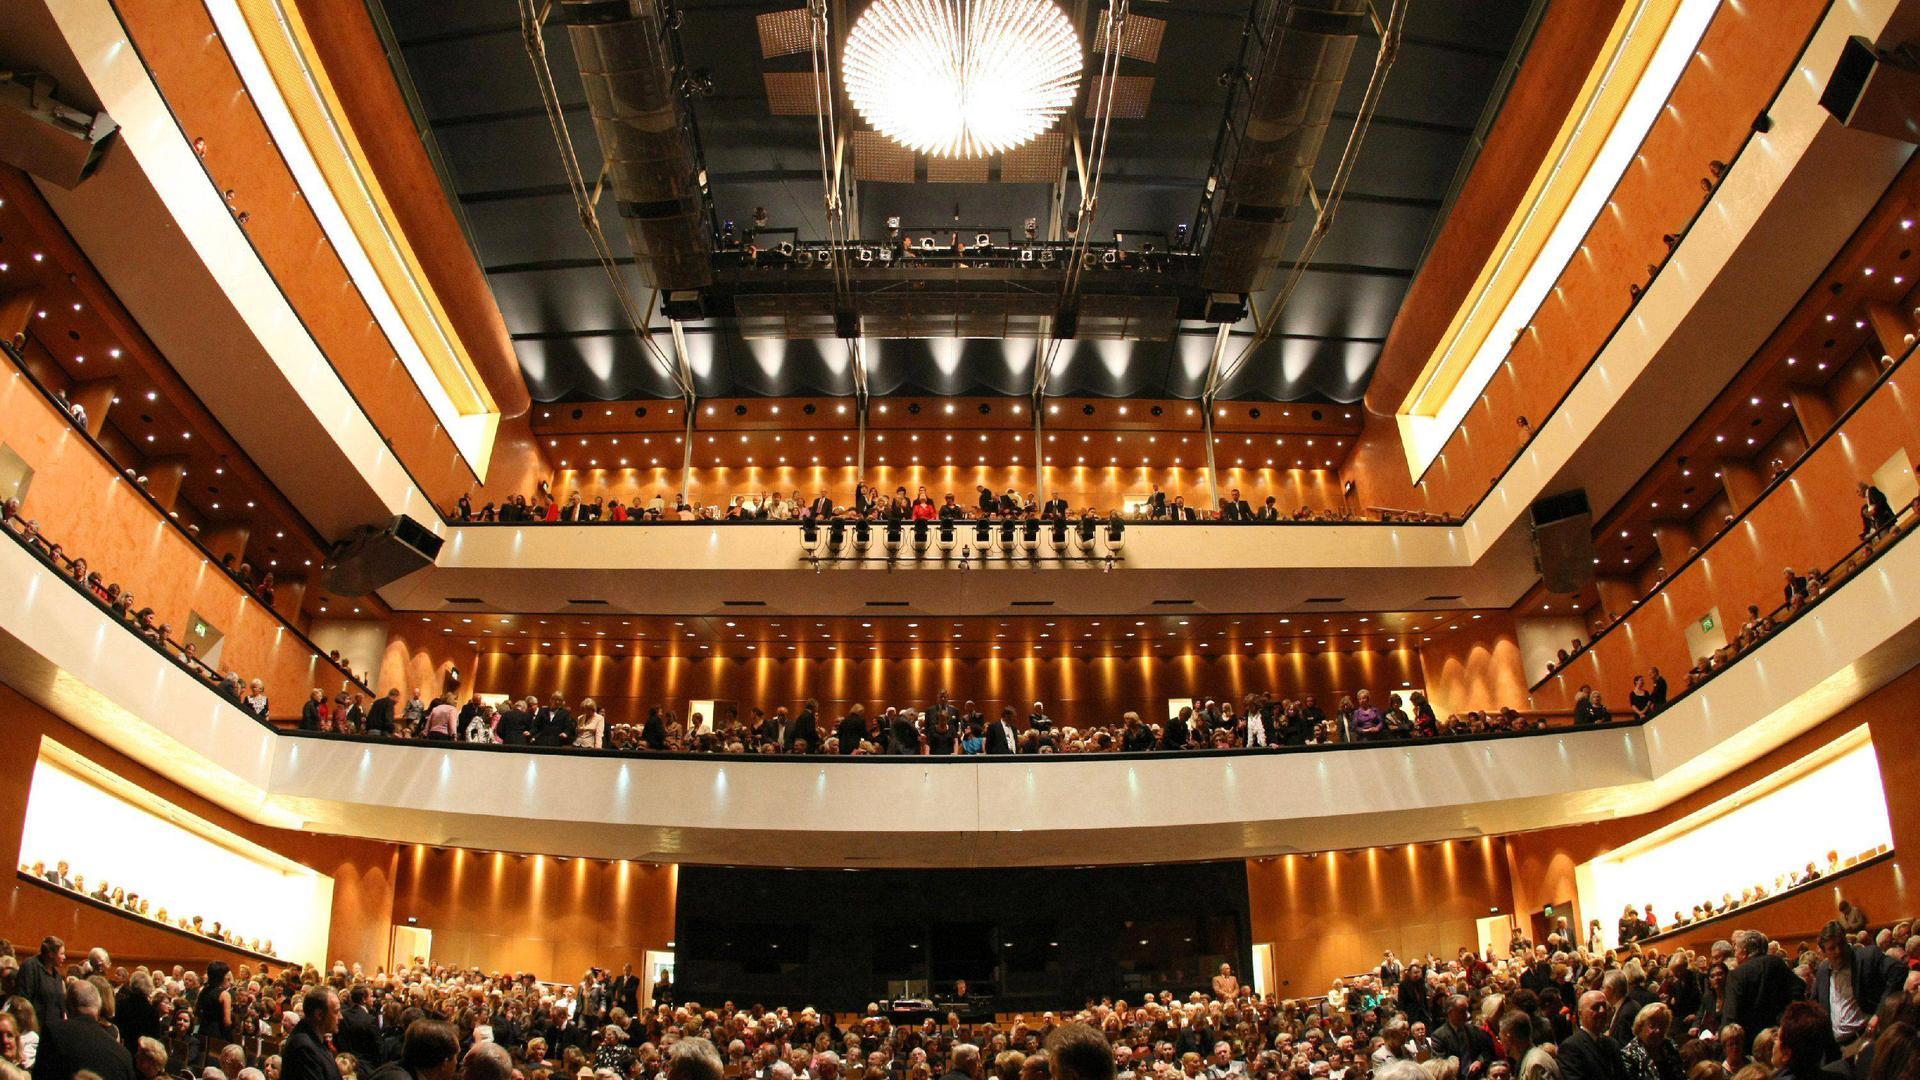 """ARCHIV - Innenaufnahme des Festspielhauses Baden-Baden am 06.10.2007. Im Jahrzehnt seit ihrer Gründung im April 1998 hat die zweitgrößte europäische Sing- und Spielstätte nach der Pariser Bastille-Oper den Sprung vom pompösen, aber ruinösen privat finanzierten Musentempel zum Vorzeigemodell geschafft. Foto: Uli Deck dpa/lsw (zu dpa-Korr.: """"Phönix aus der Asche - Baden-Badens Festspielhaus feiert Jubiläum"""" vom 07.09.2008) +++(c) dpa - Bildfunk+++"""